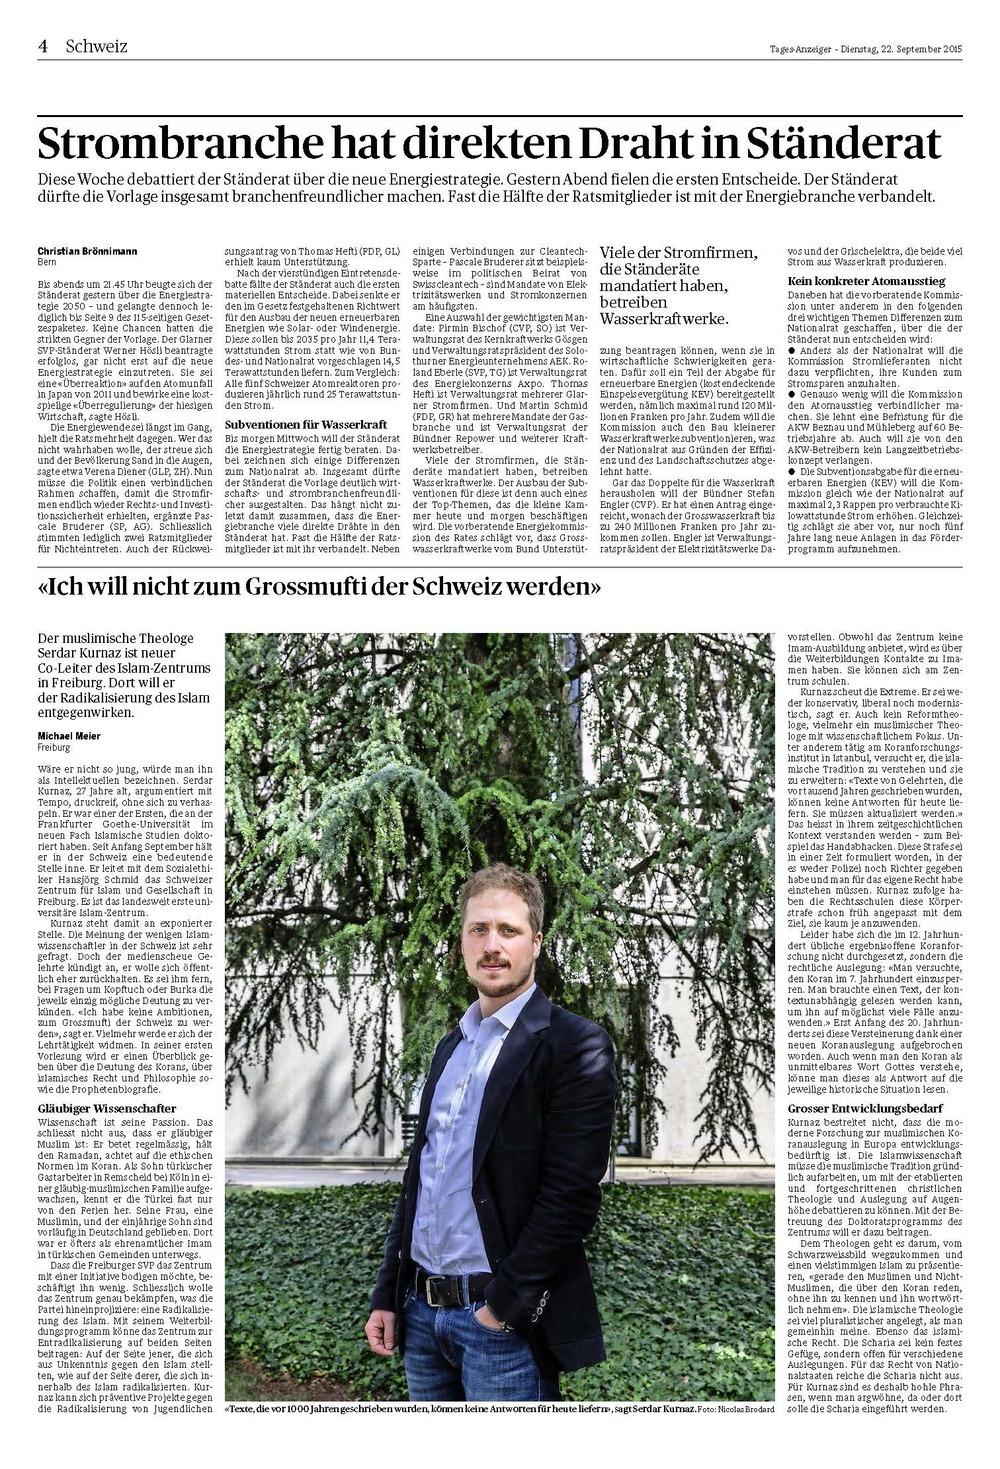 Nicolas Brodard_Seite_4_Tages-Anzeiger_2015-09-22.jpg